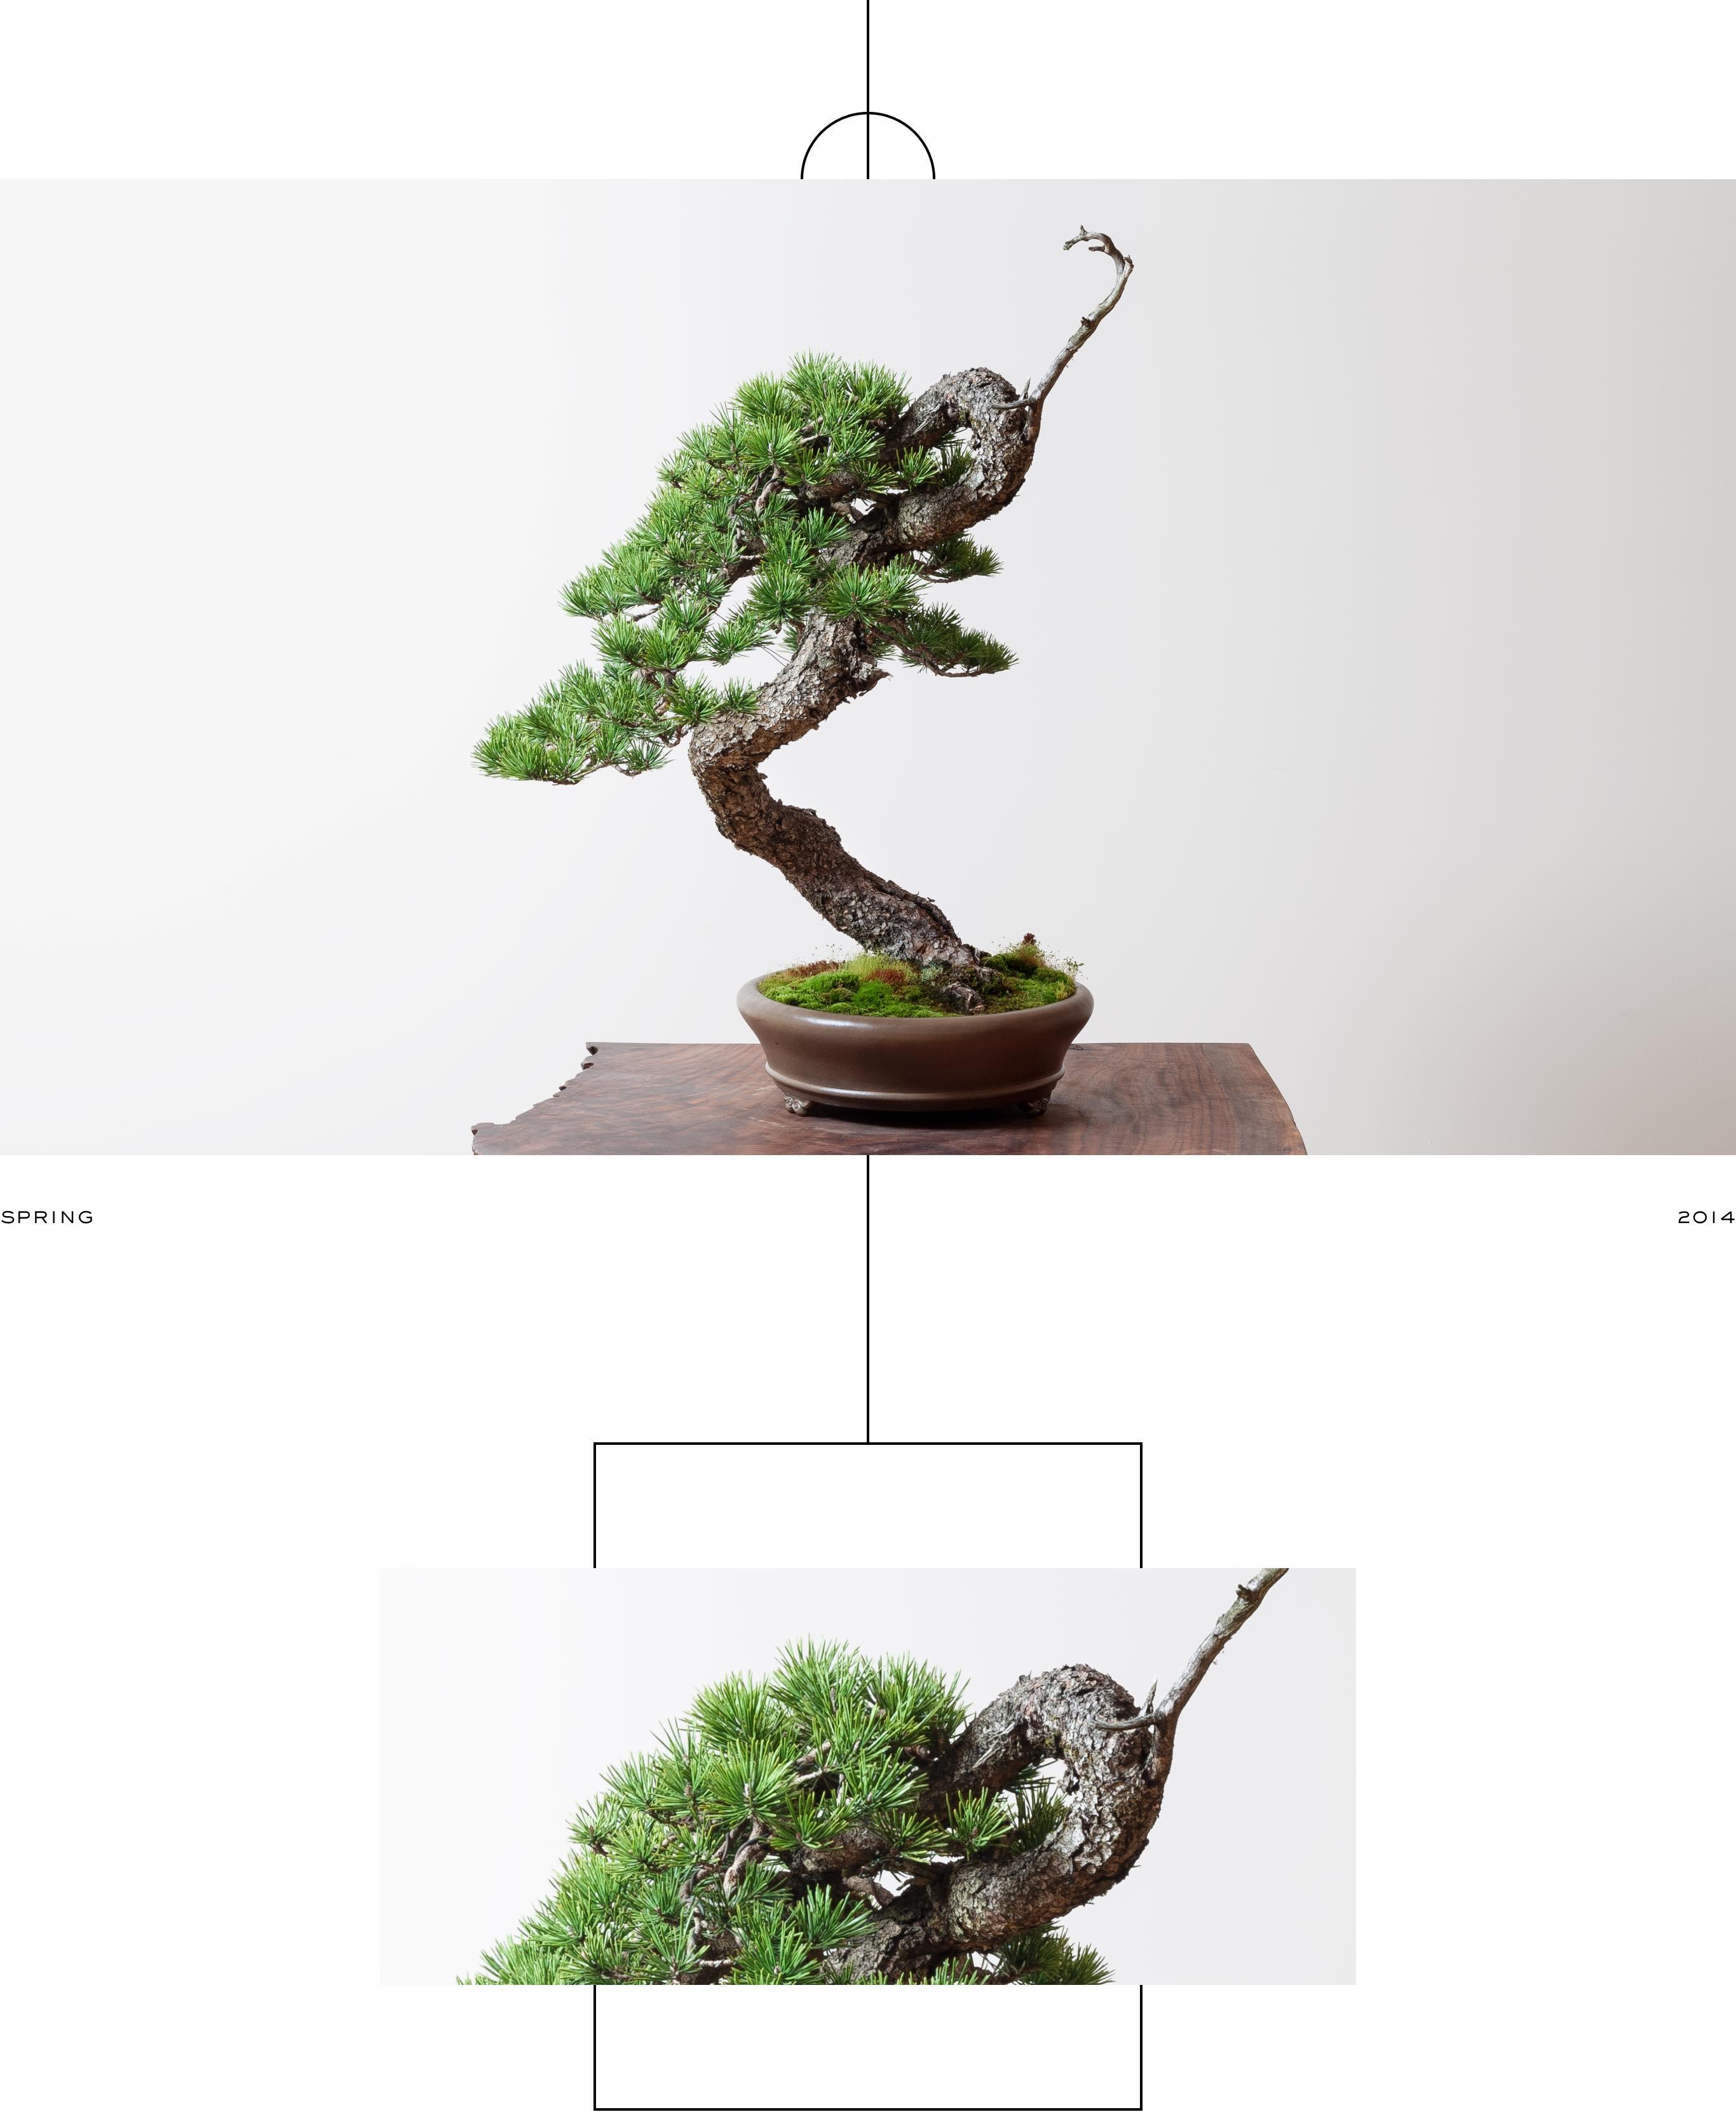 lodgepole_pine_bonsai_ryan_neil